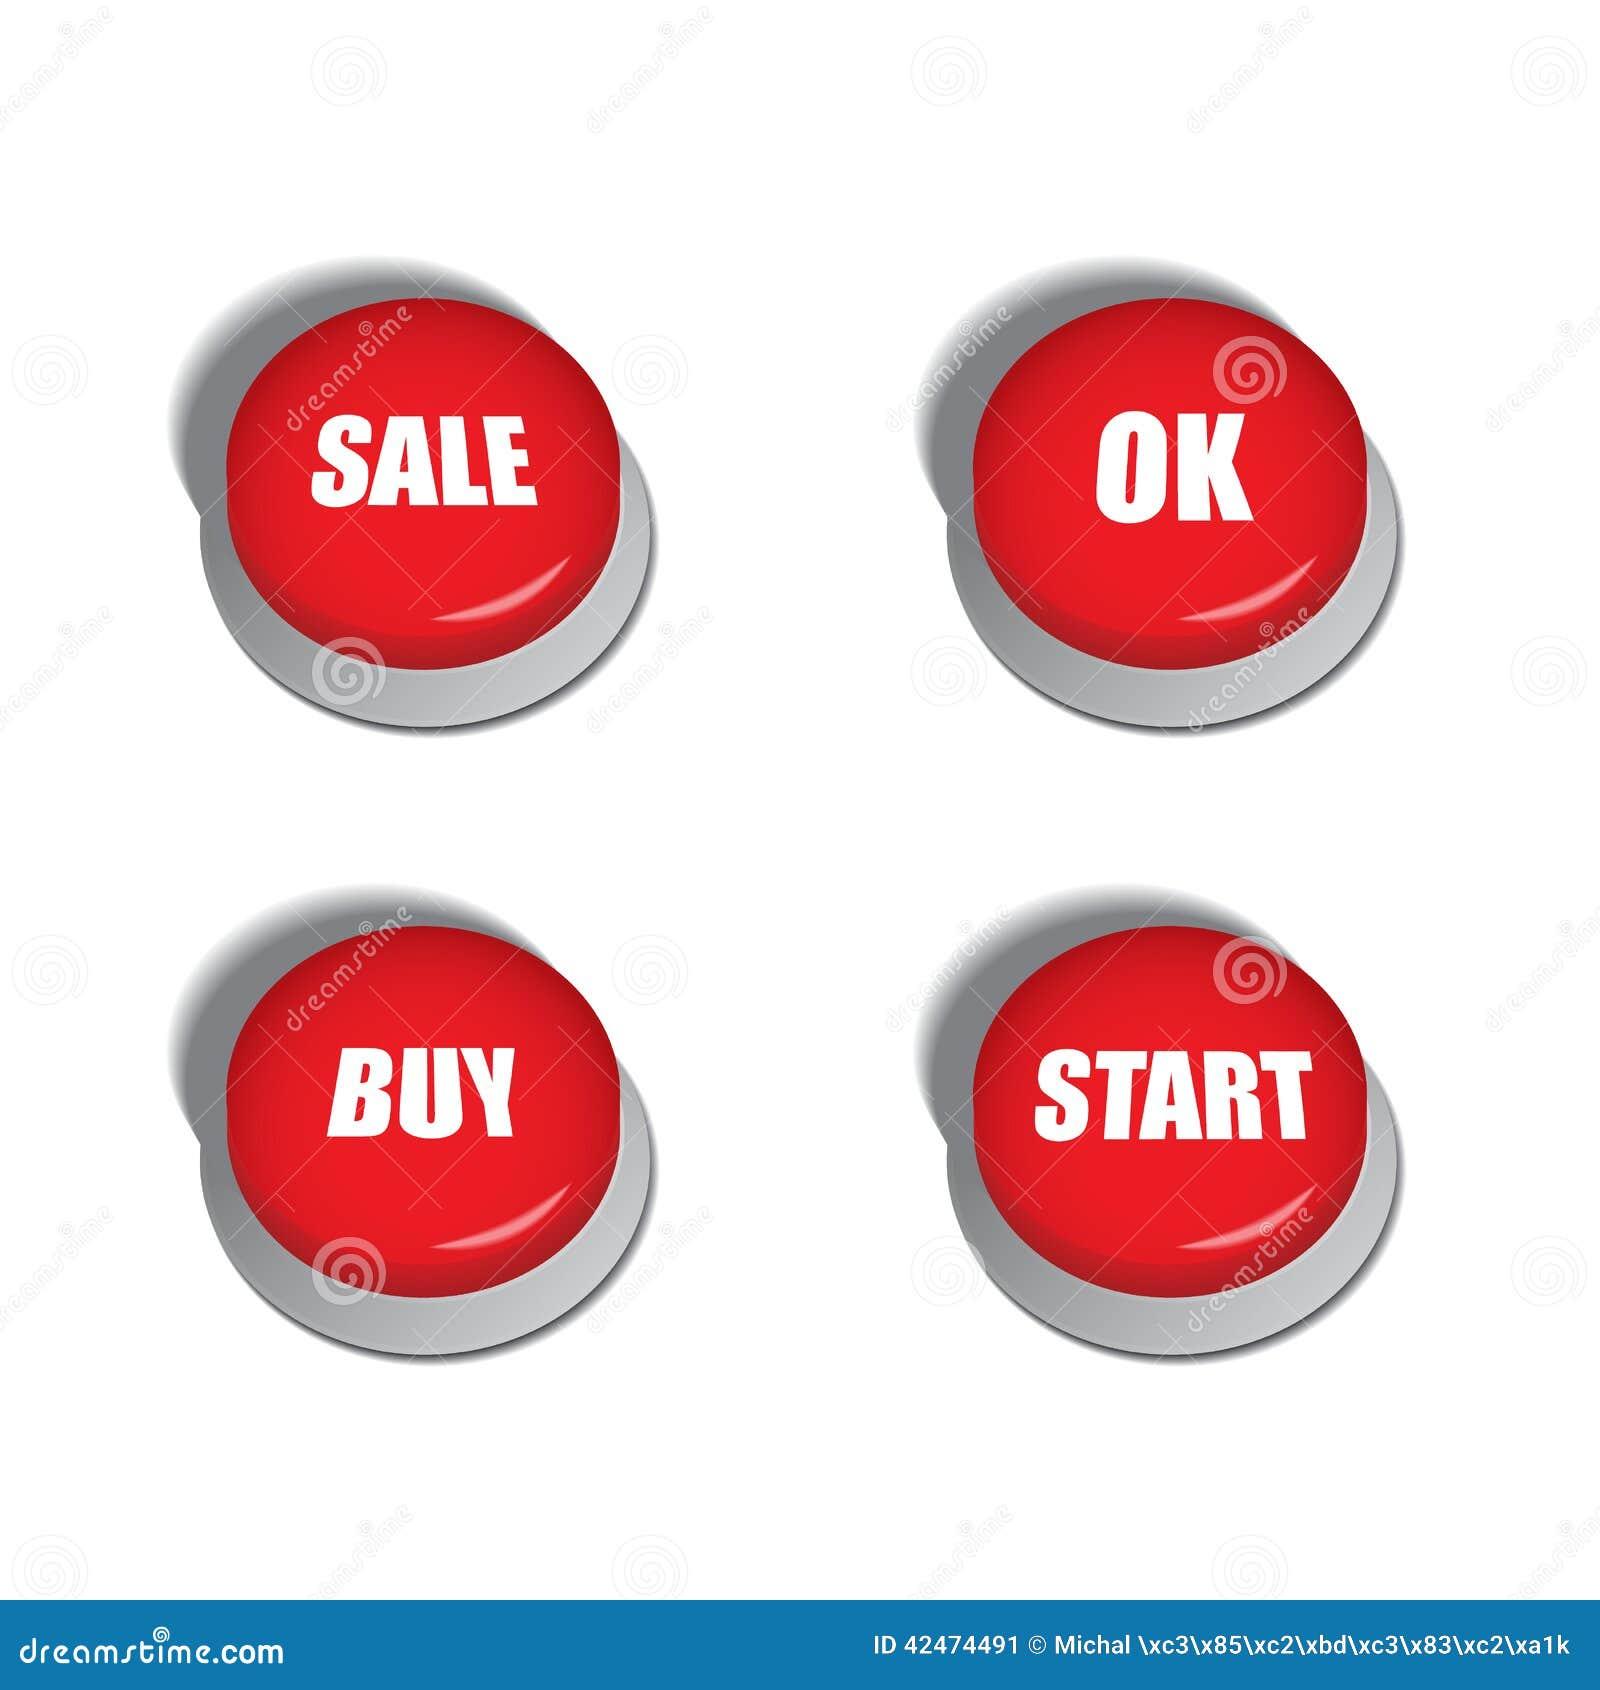 Rote Knöpfe mit verschiedenen Befehlen wie Verkauf, Kauf oder Anfang